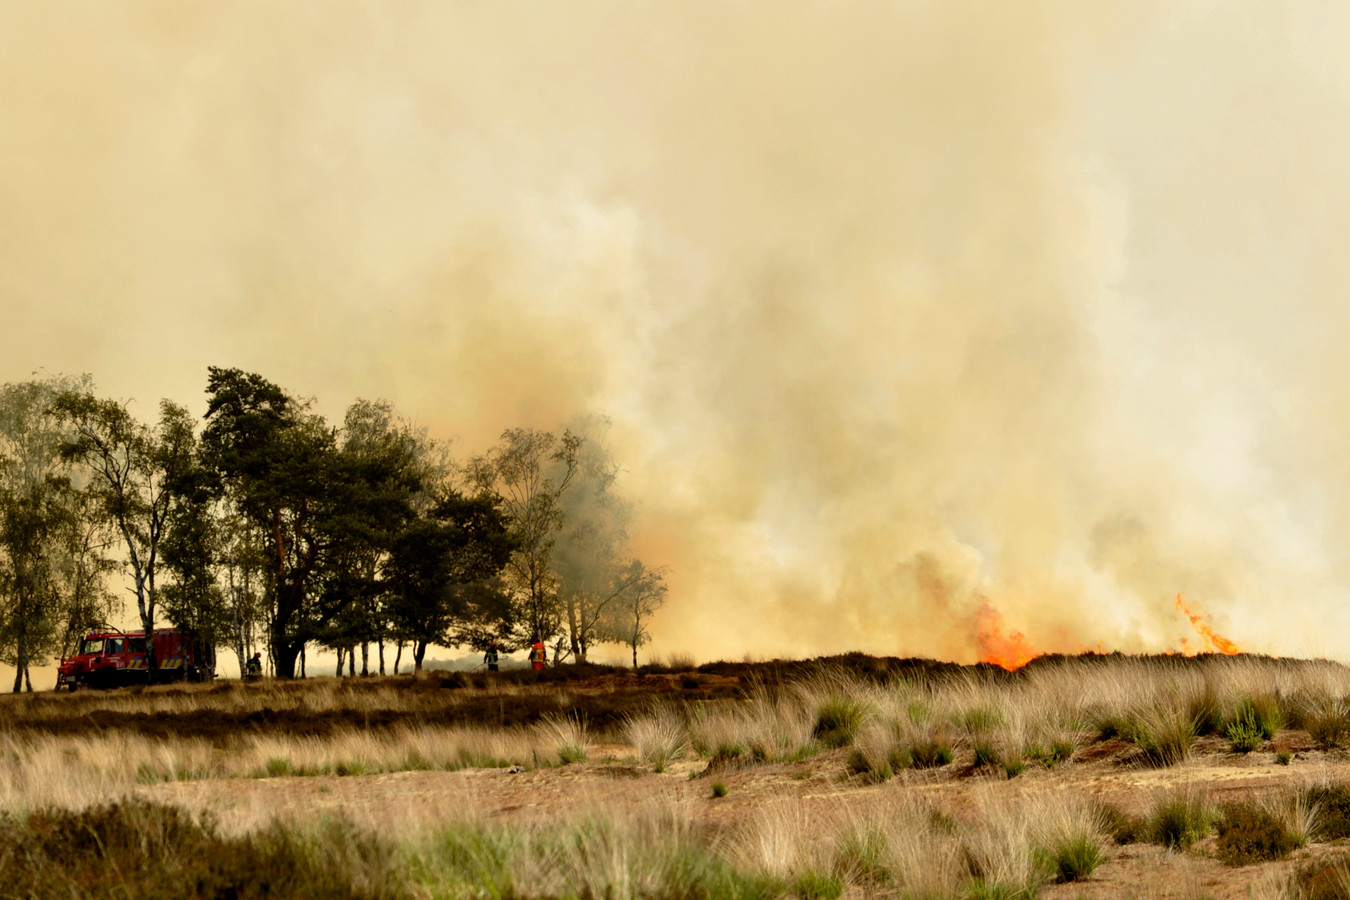 In het voorjaar van 2011 ontstond er een natuurbrand die uiteindelijk 600 hectare van de Kalmthoutse Heide in de as zou leggen.